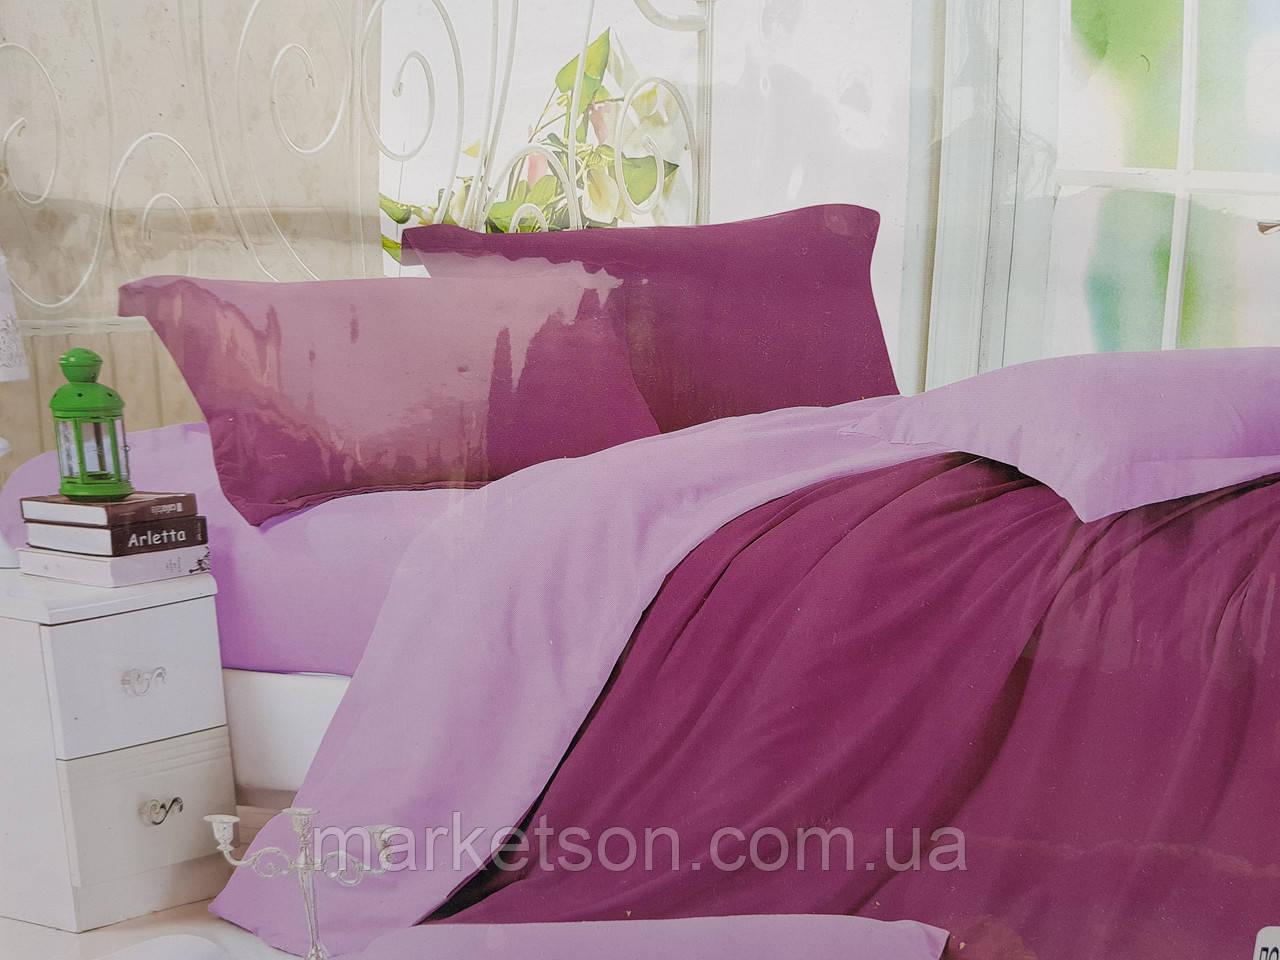 Двухспальное постельное белье 180*220.Сатин. Подарочная упаковка.